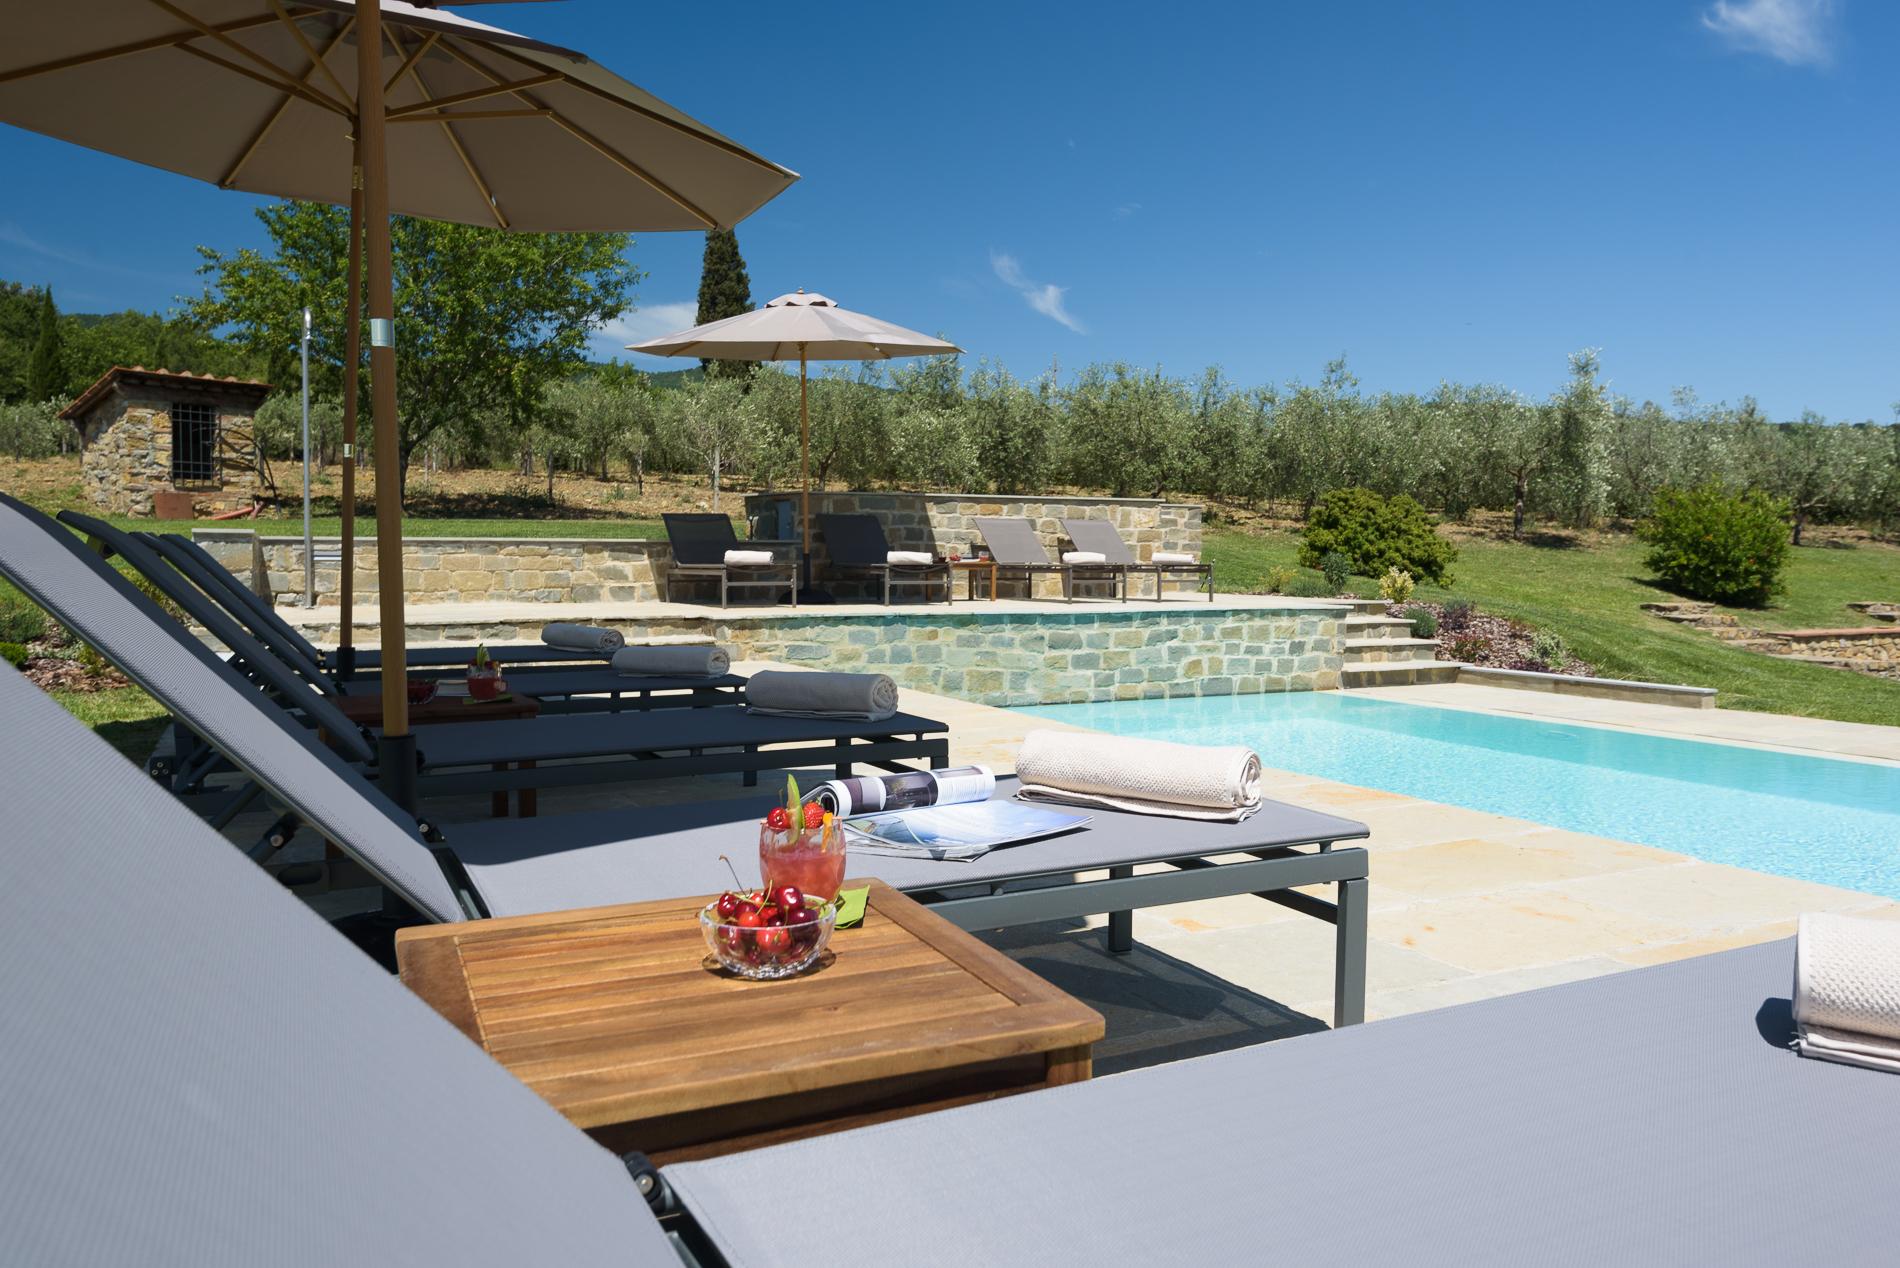 Piscina Su Terreno In Pendenza realizzazione piscina ca' maggiore – maurri + palai architetti